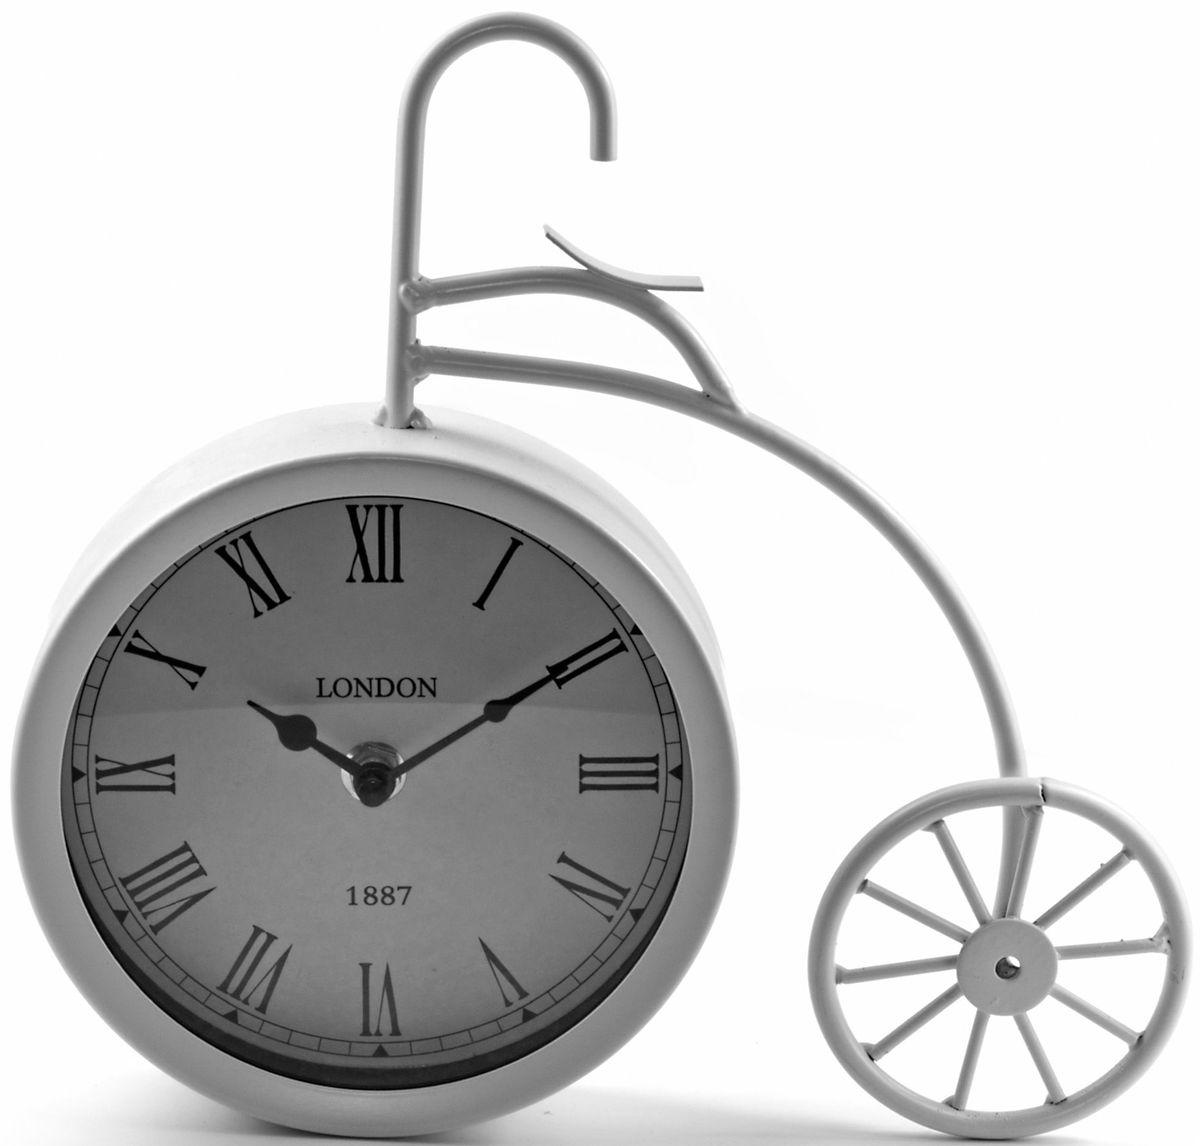 Часы настольные Miralight Велосипед, цвет: белый94672Настольные часы Miralight Велосипед, изготовленные из металла, прекрасно украсят интерьер вашего помещения. Часы выполнены в виде старинного двухколесного велосипеда. Циферблат круглой формы имеет две стилизованные фигурные стрелки: часовую и минутную и элегантные римские цифры.Питание осуществляется от одной батарейки типа АА (не входит в комплект). Оформите свой дом таким интерьерным аксессуаром или преподнесите его в качестве презента друзьям, и они оценят ваш оригинальный вкус и неординарность подарка.